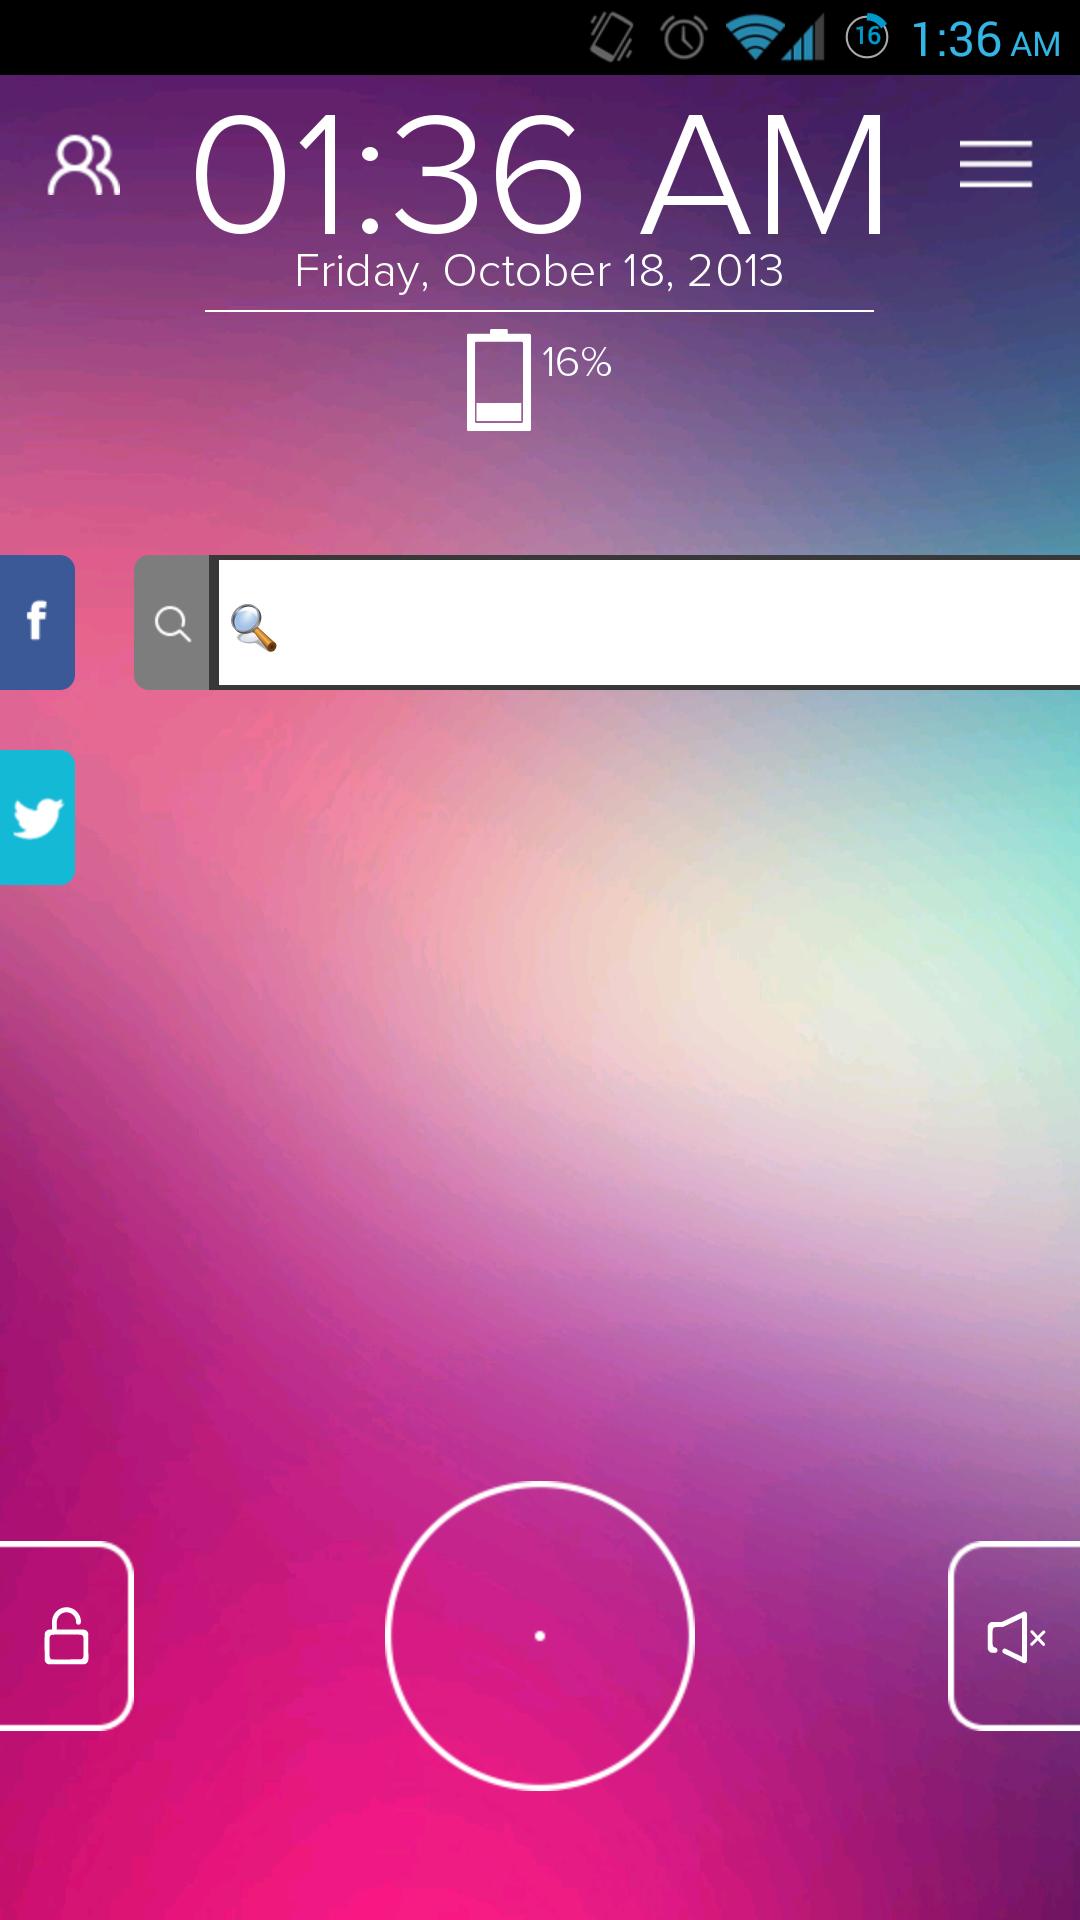 Screenshot (01-36AM, Oct 18, 2013)